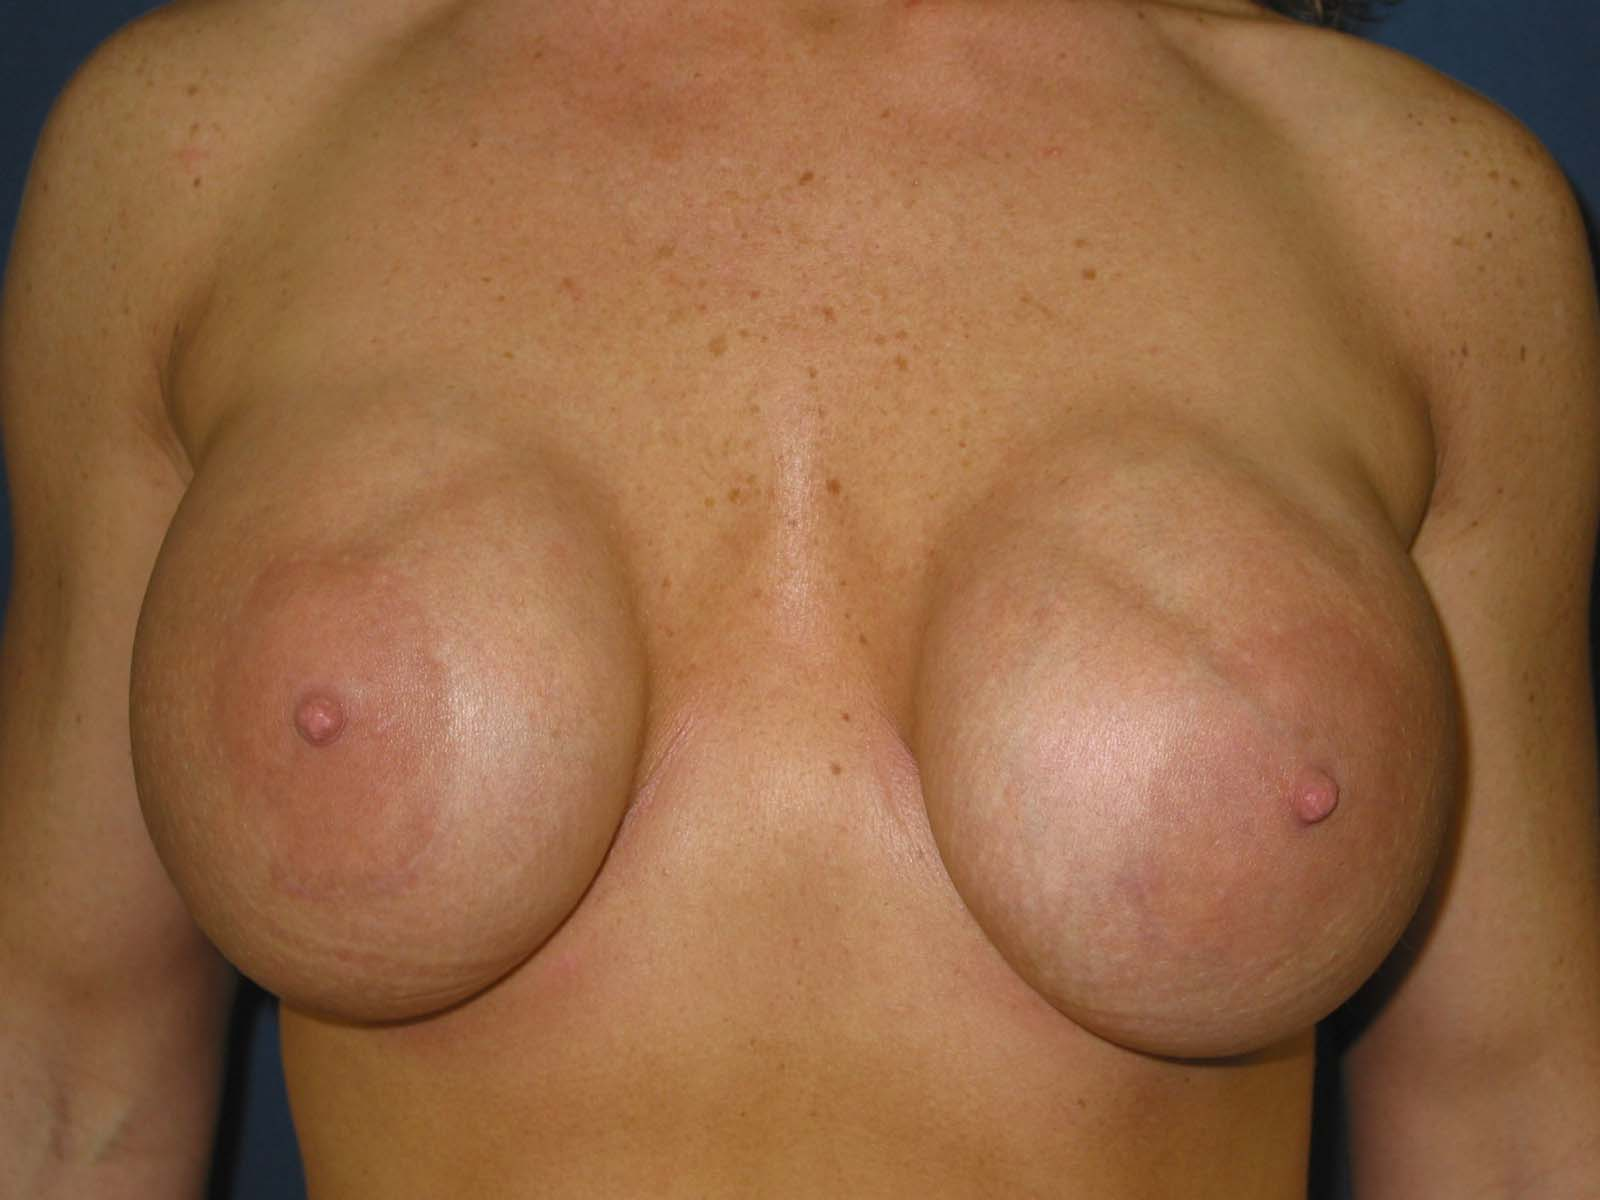 Форма груди с большим соском, Формы груди может быть именно у вас идеальный бюст? 21 фотография